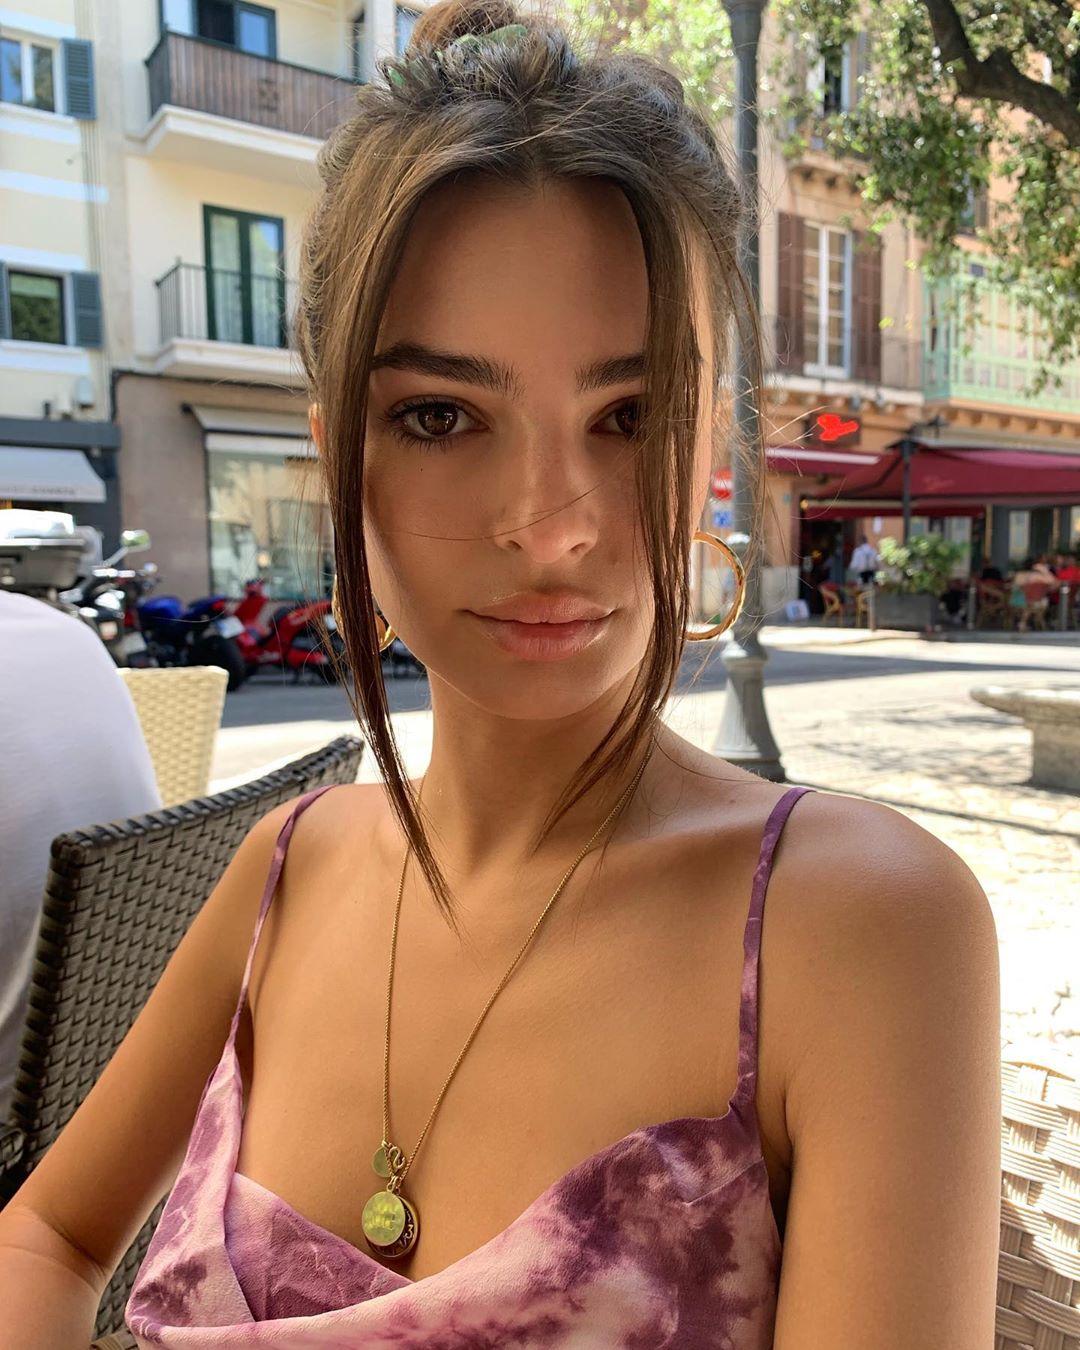 Эмили Ратаковски забросала Сеть откровенными фото